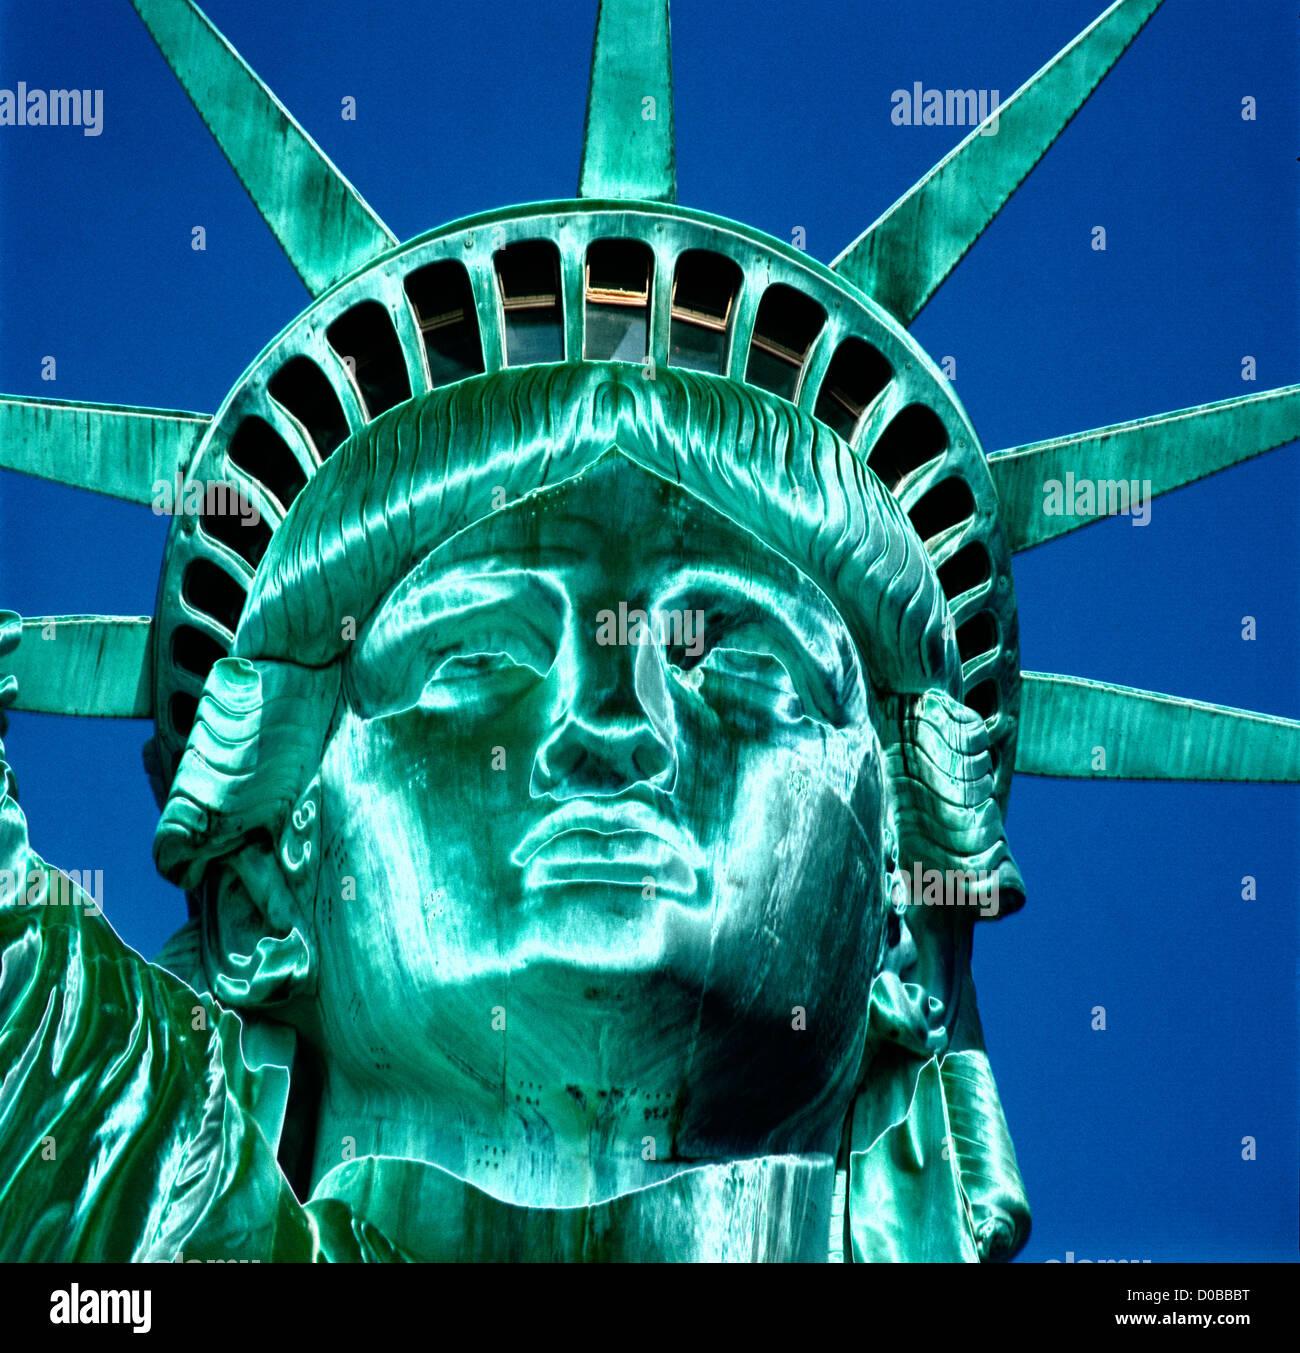 Representación abstracta de la Estatua de la libertad, concepto de EE.UU. Imagen De Stock